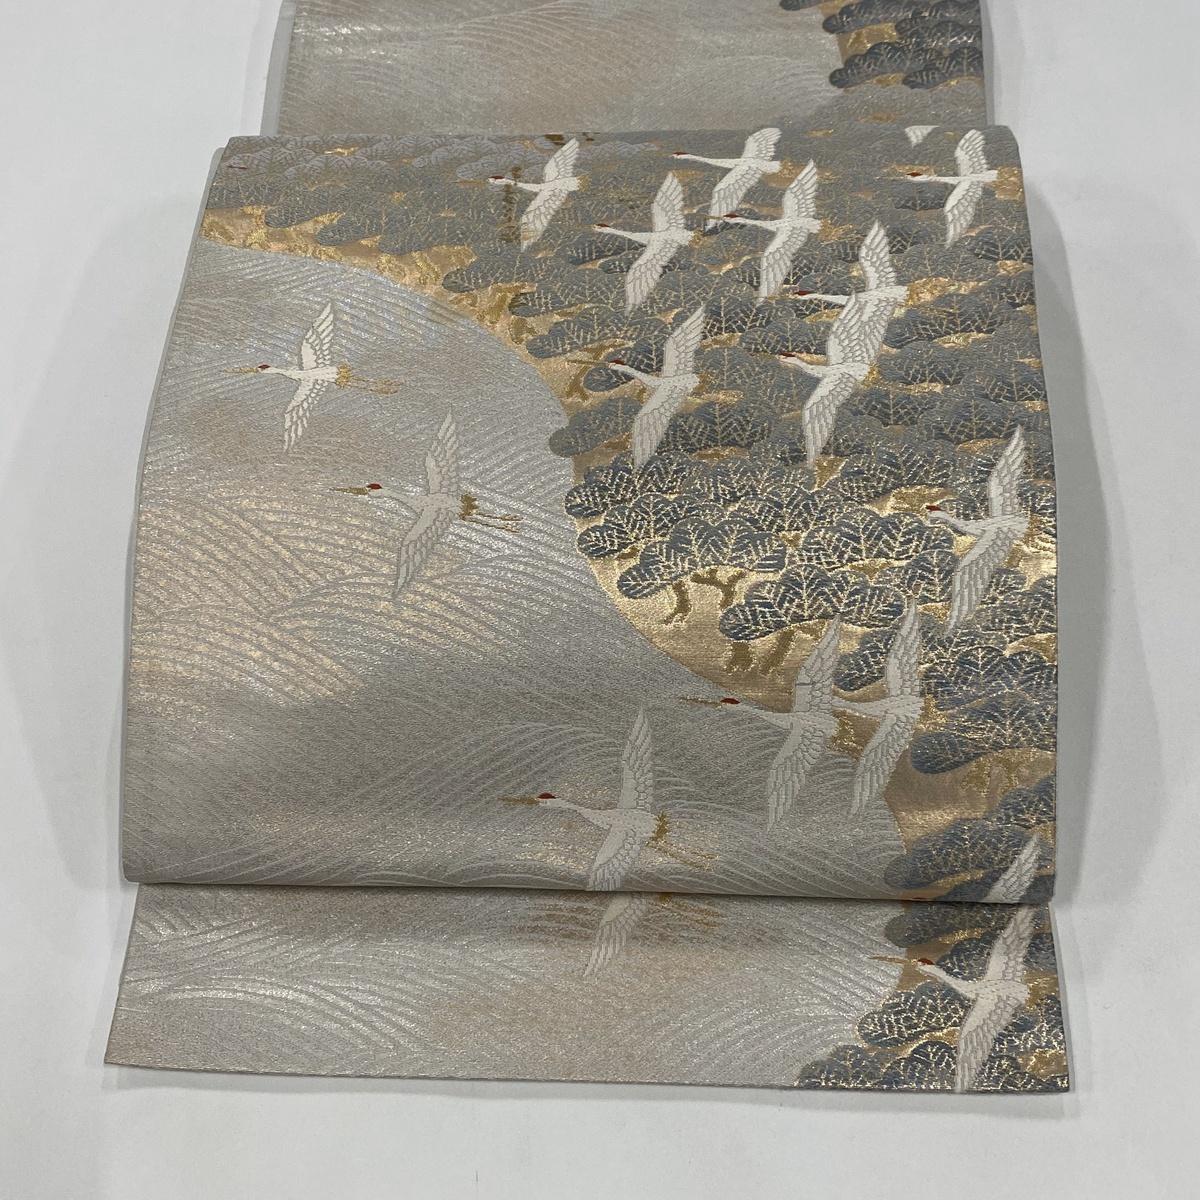 袋帯 美品 秀品 瑞祥鶴の舞 松 金糸 箔 銀色 六通 正絹 【中古】